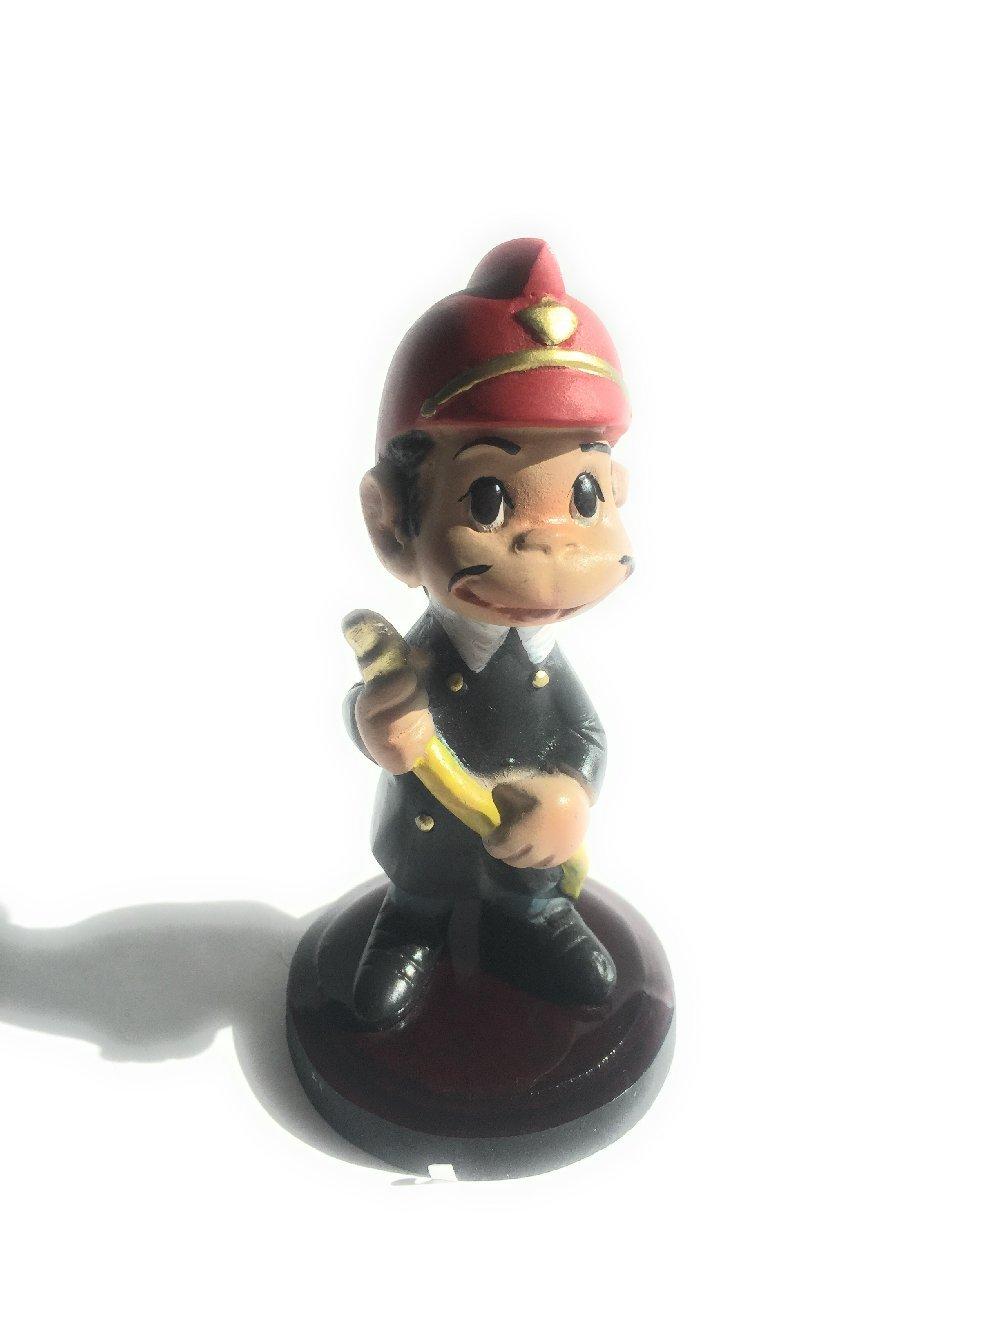 Cartero Mario Moreno Cantinflas Collectible Figurines